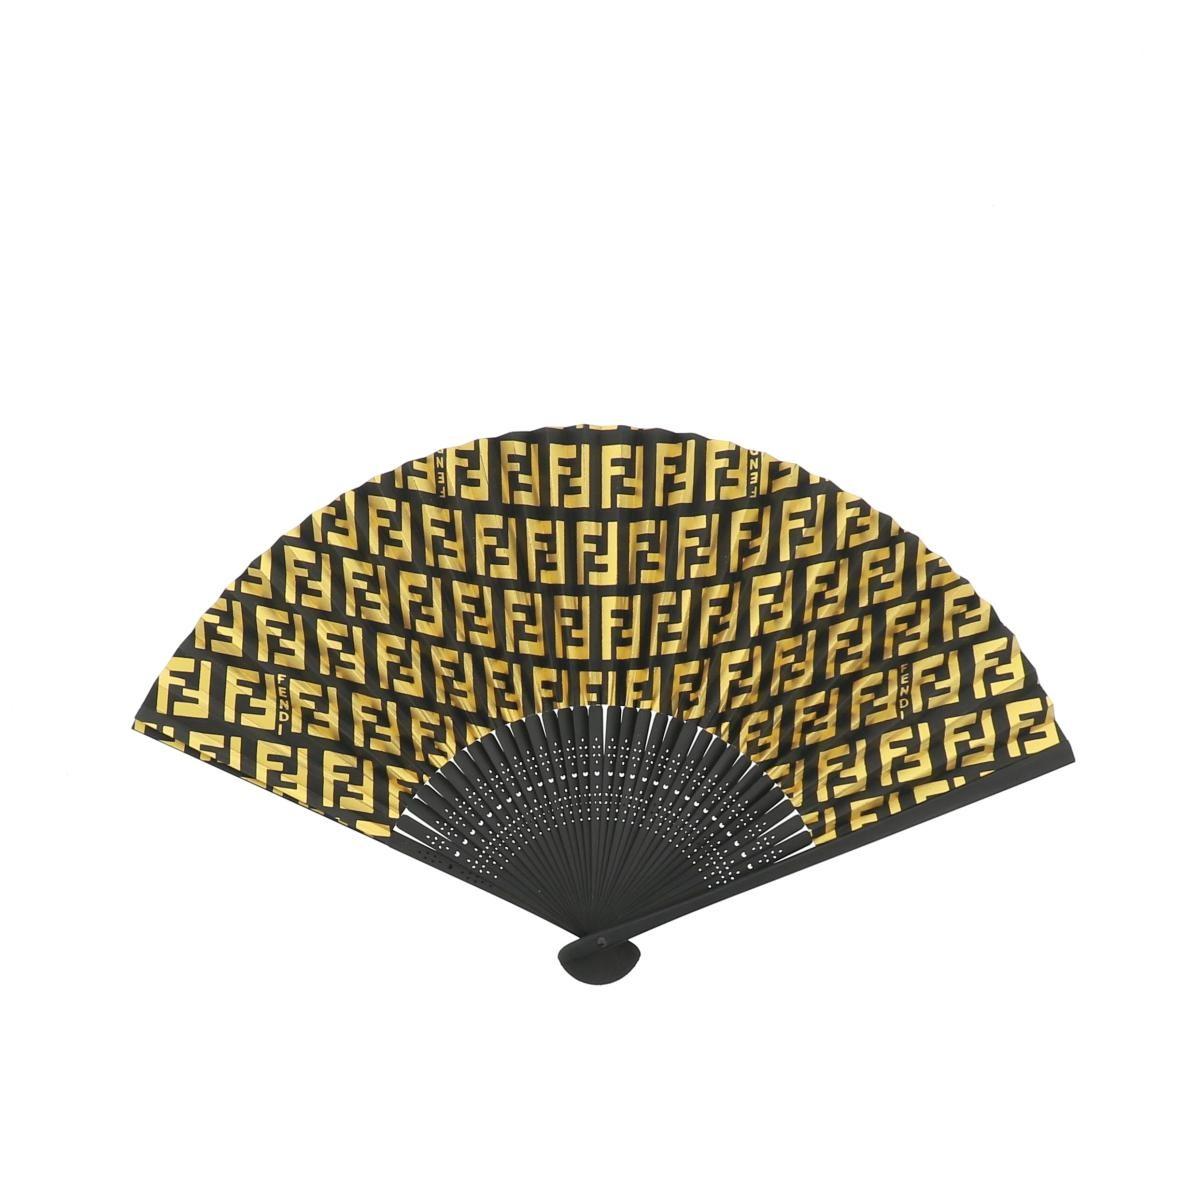 【美品】フェンディ ズッカ柄 扇子 ブラック アンド ゴールド FENDI Zucca Fan Black & Gold